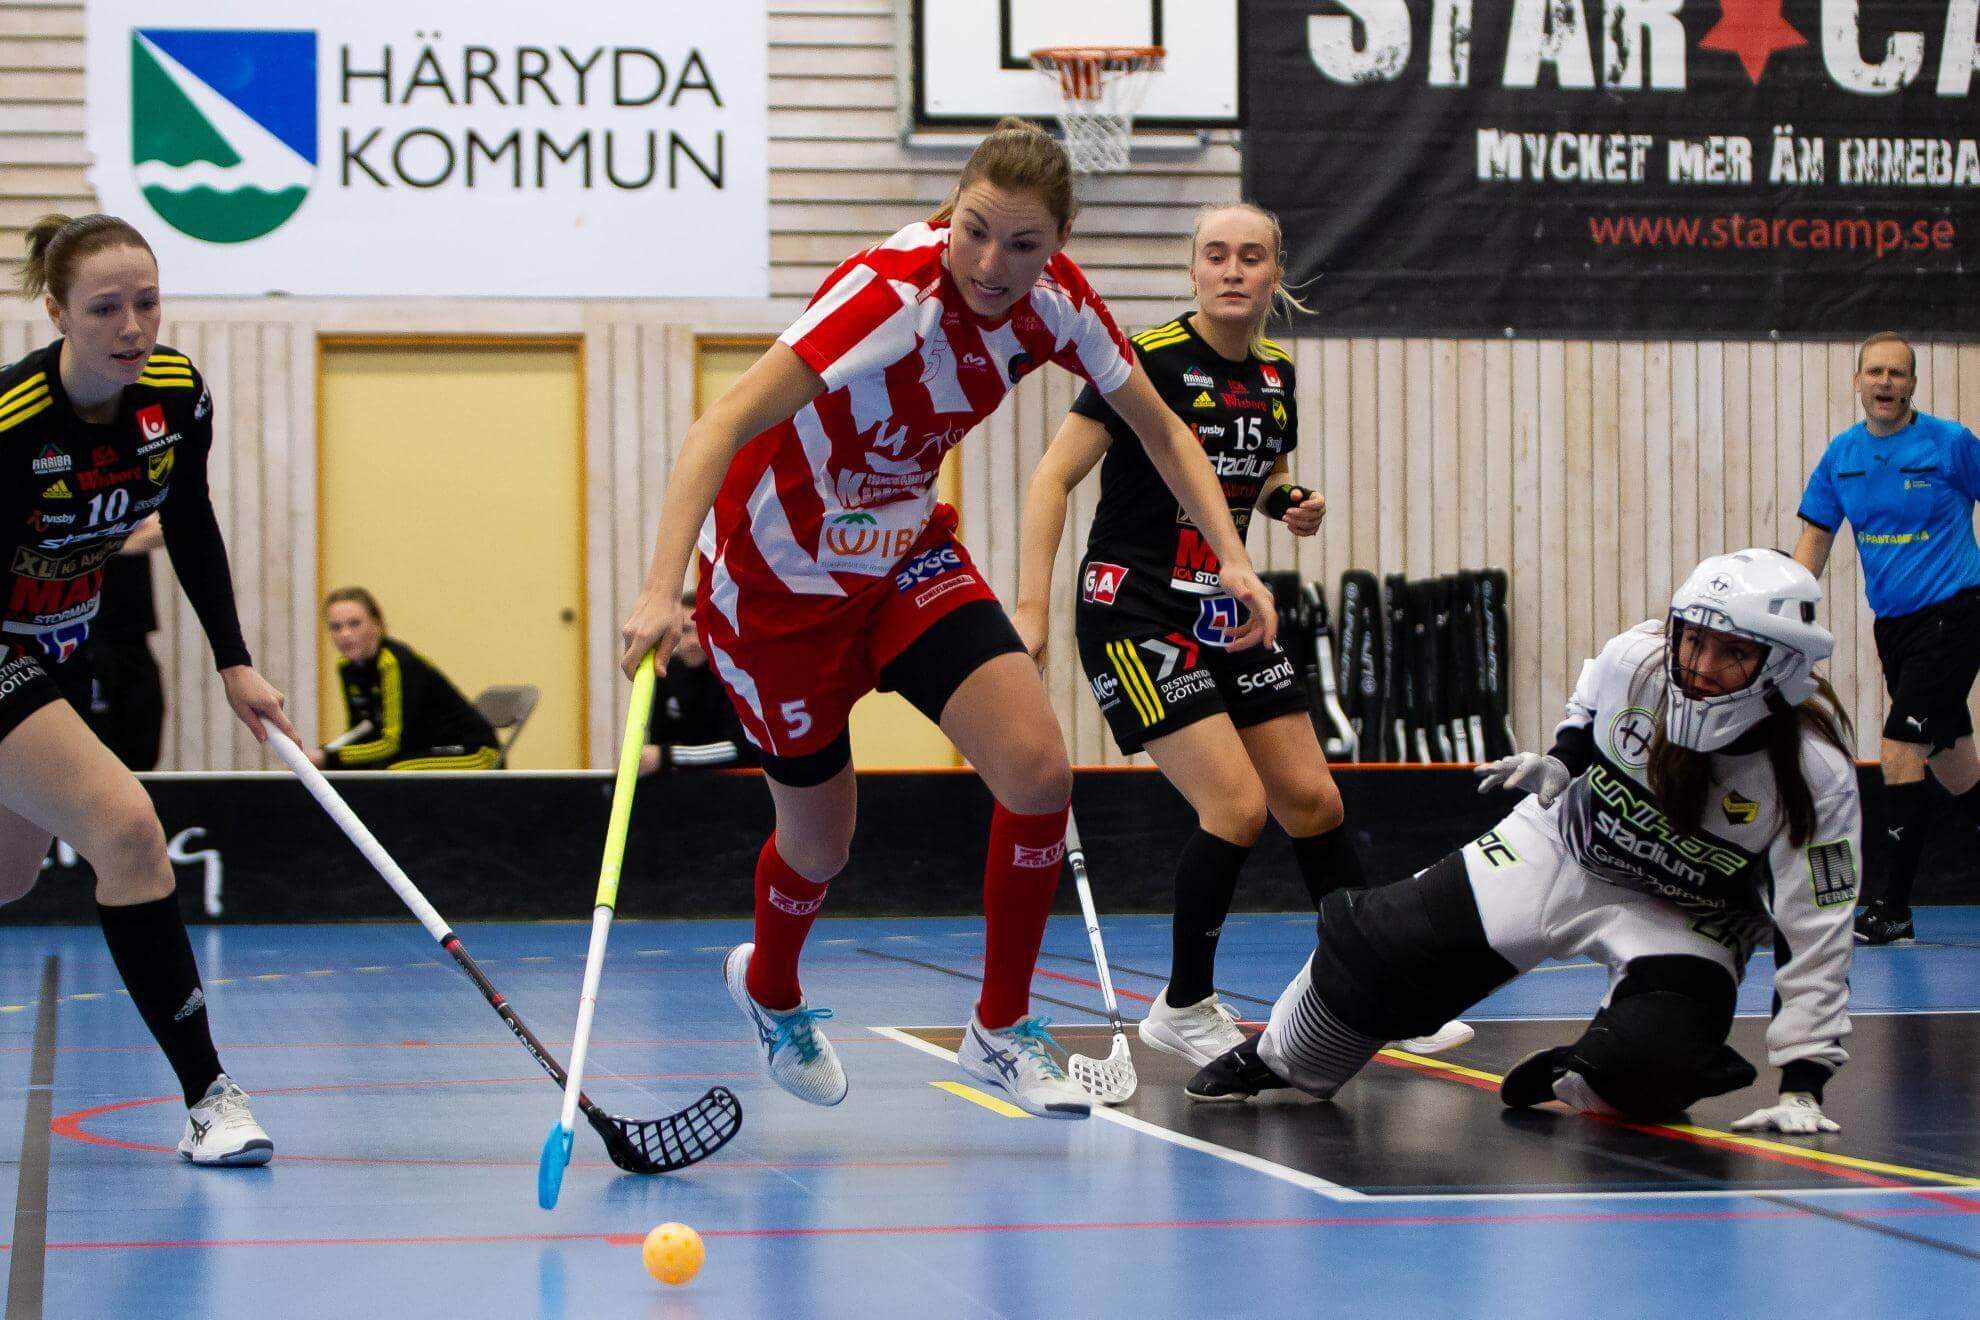 Eliska Krupnova ordnet spilleforlengelse, men klarte ikke å overliste Endres målvakt da kampen gikk til straffeslag. Foto: A. Kårhag